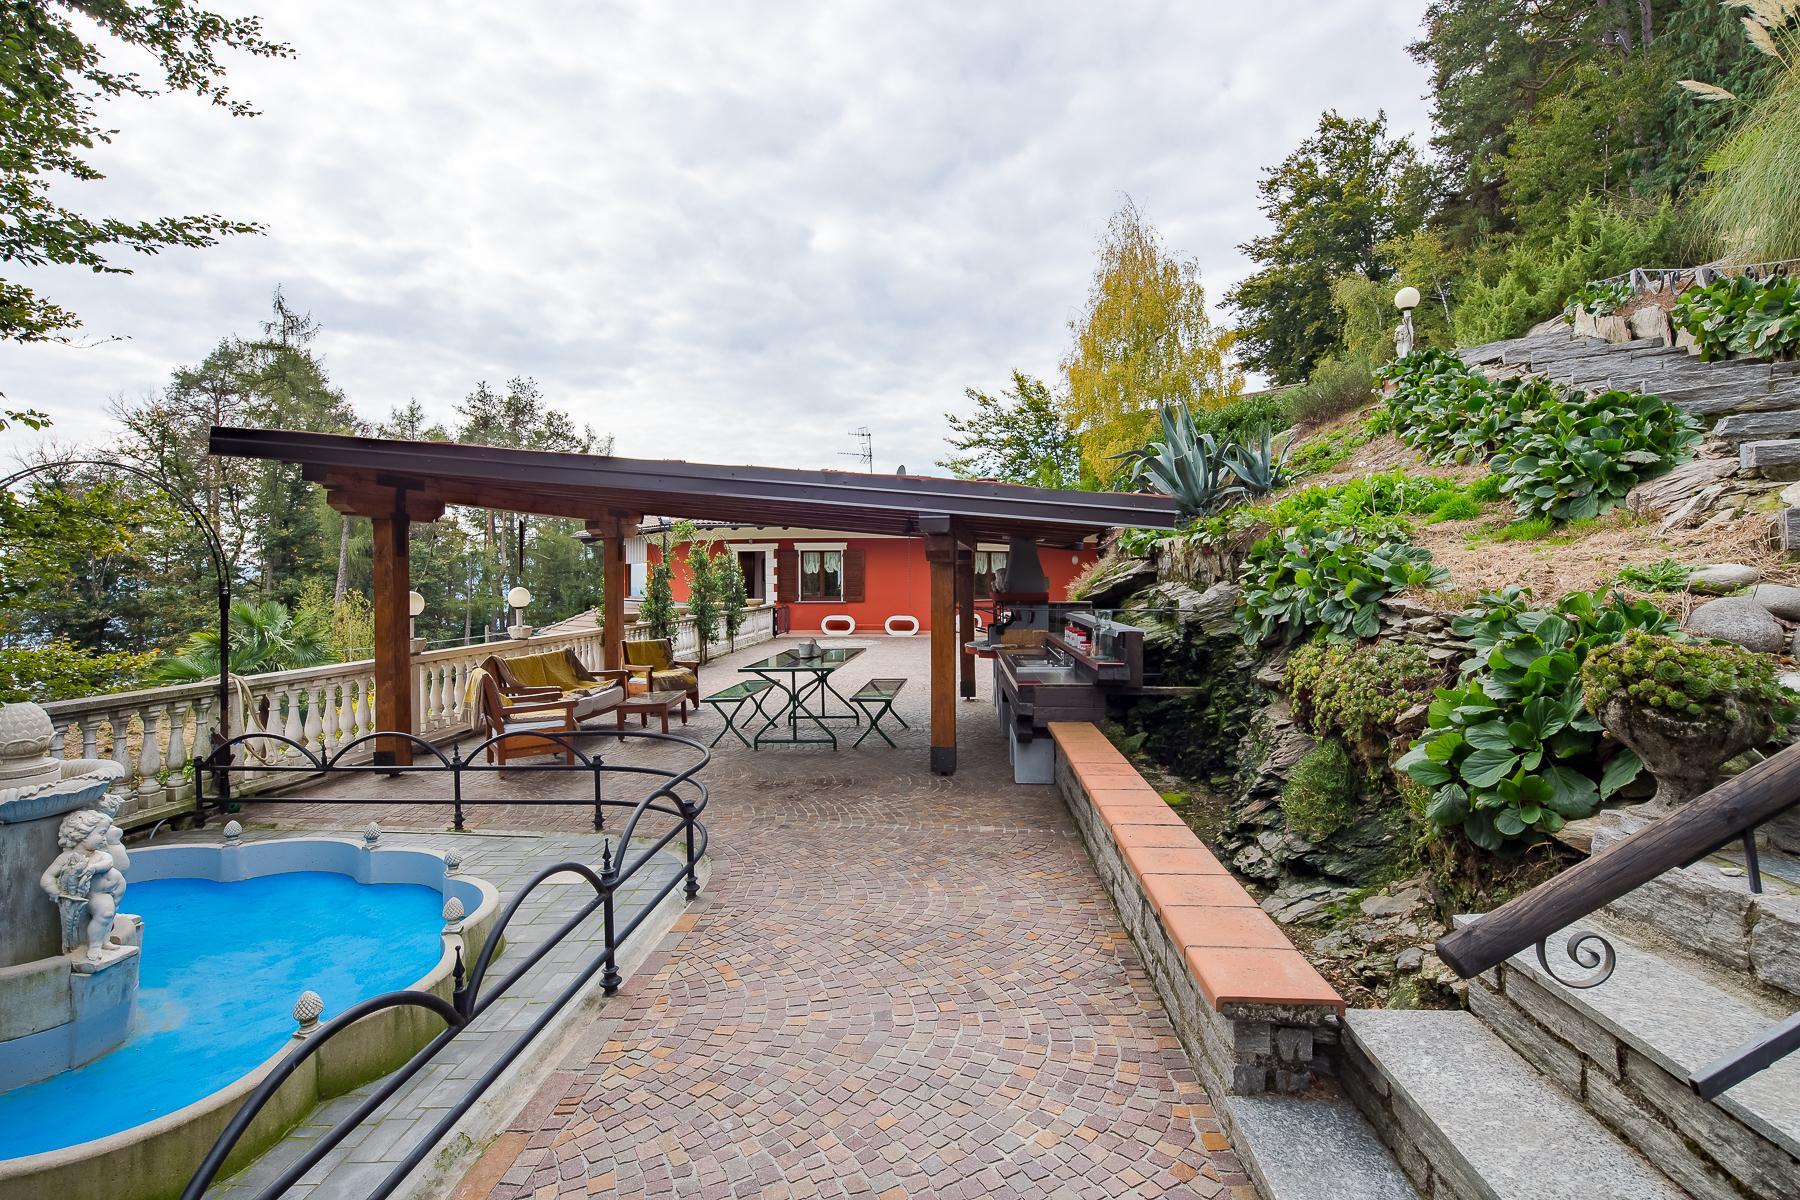 Villa unifamiliare nella zona collinare di Verbania con vista magnifica sul lago - 15